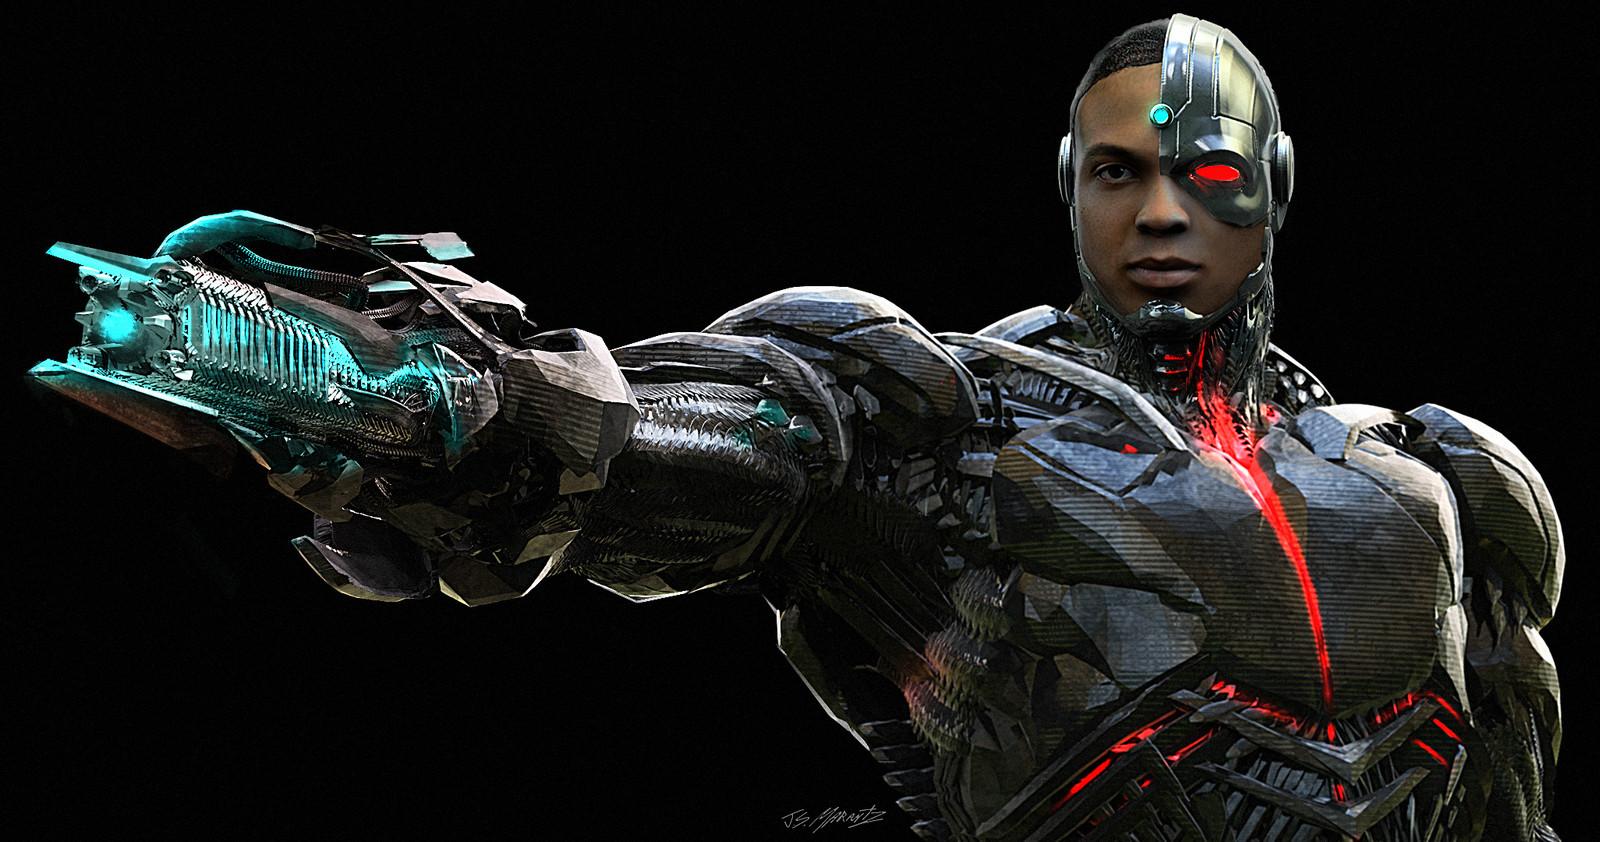 Justice League: Cyborg Concept Art